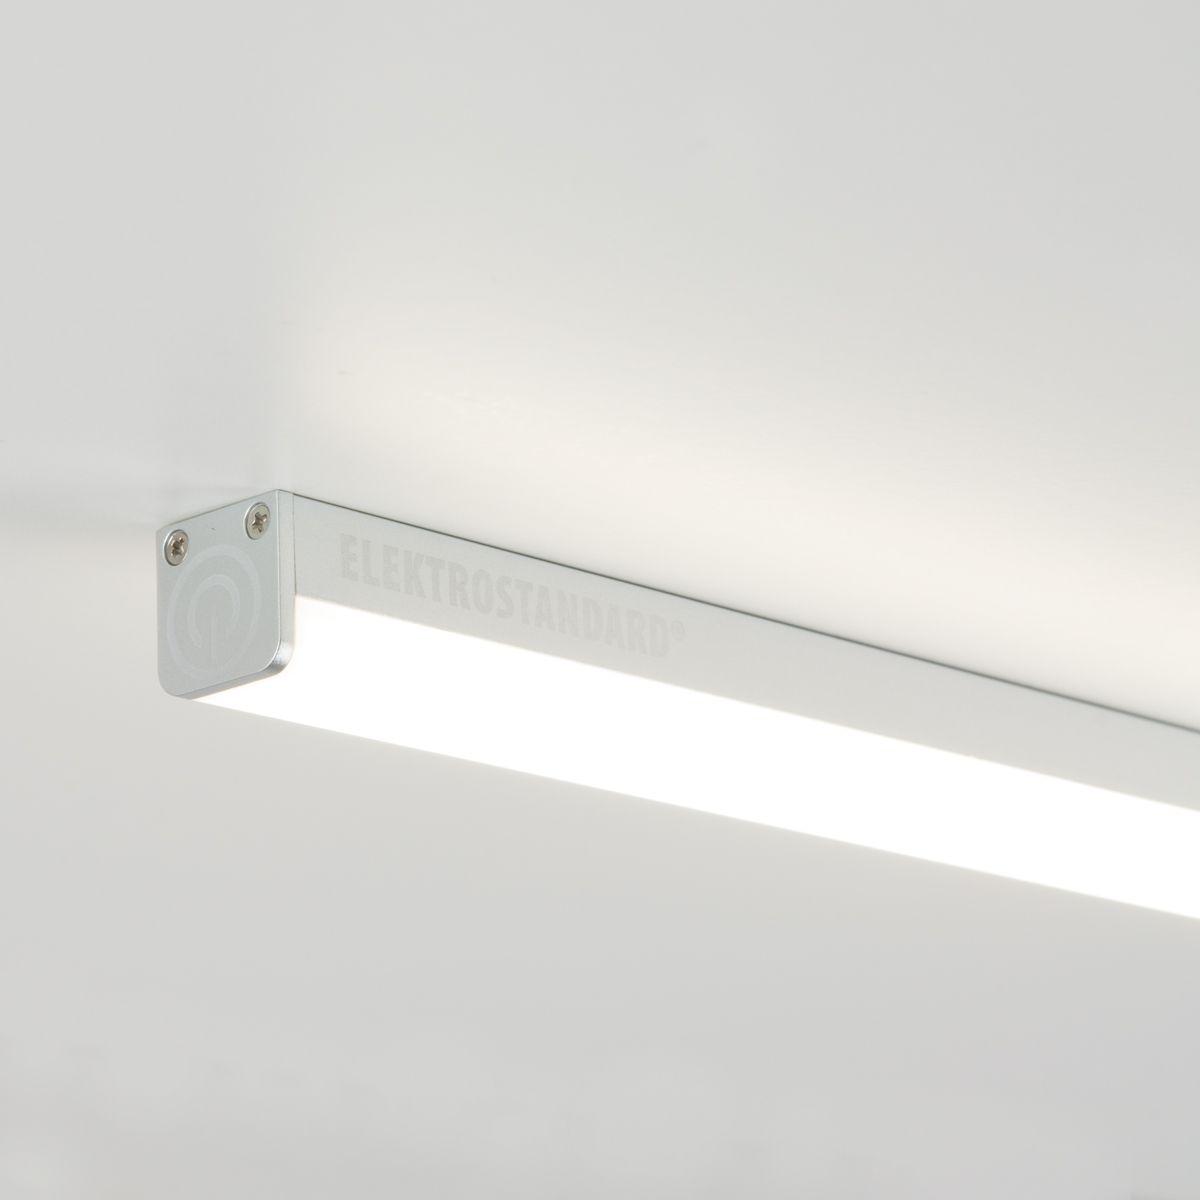 Светодиодный светильник с сенсорным выключателем Led Stick 12W 4200K 60sm LST01 12W